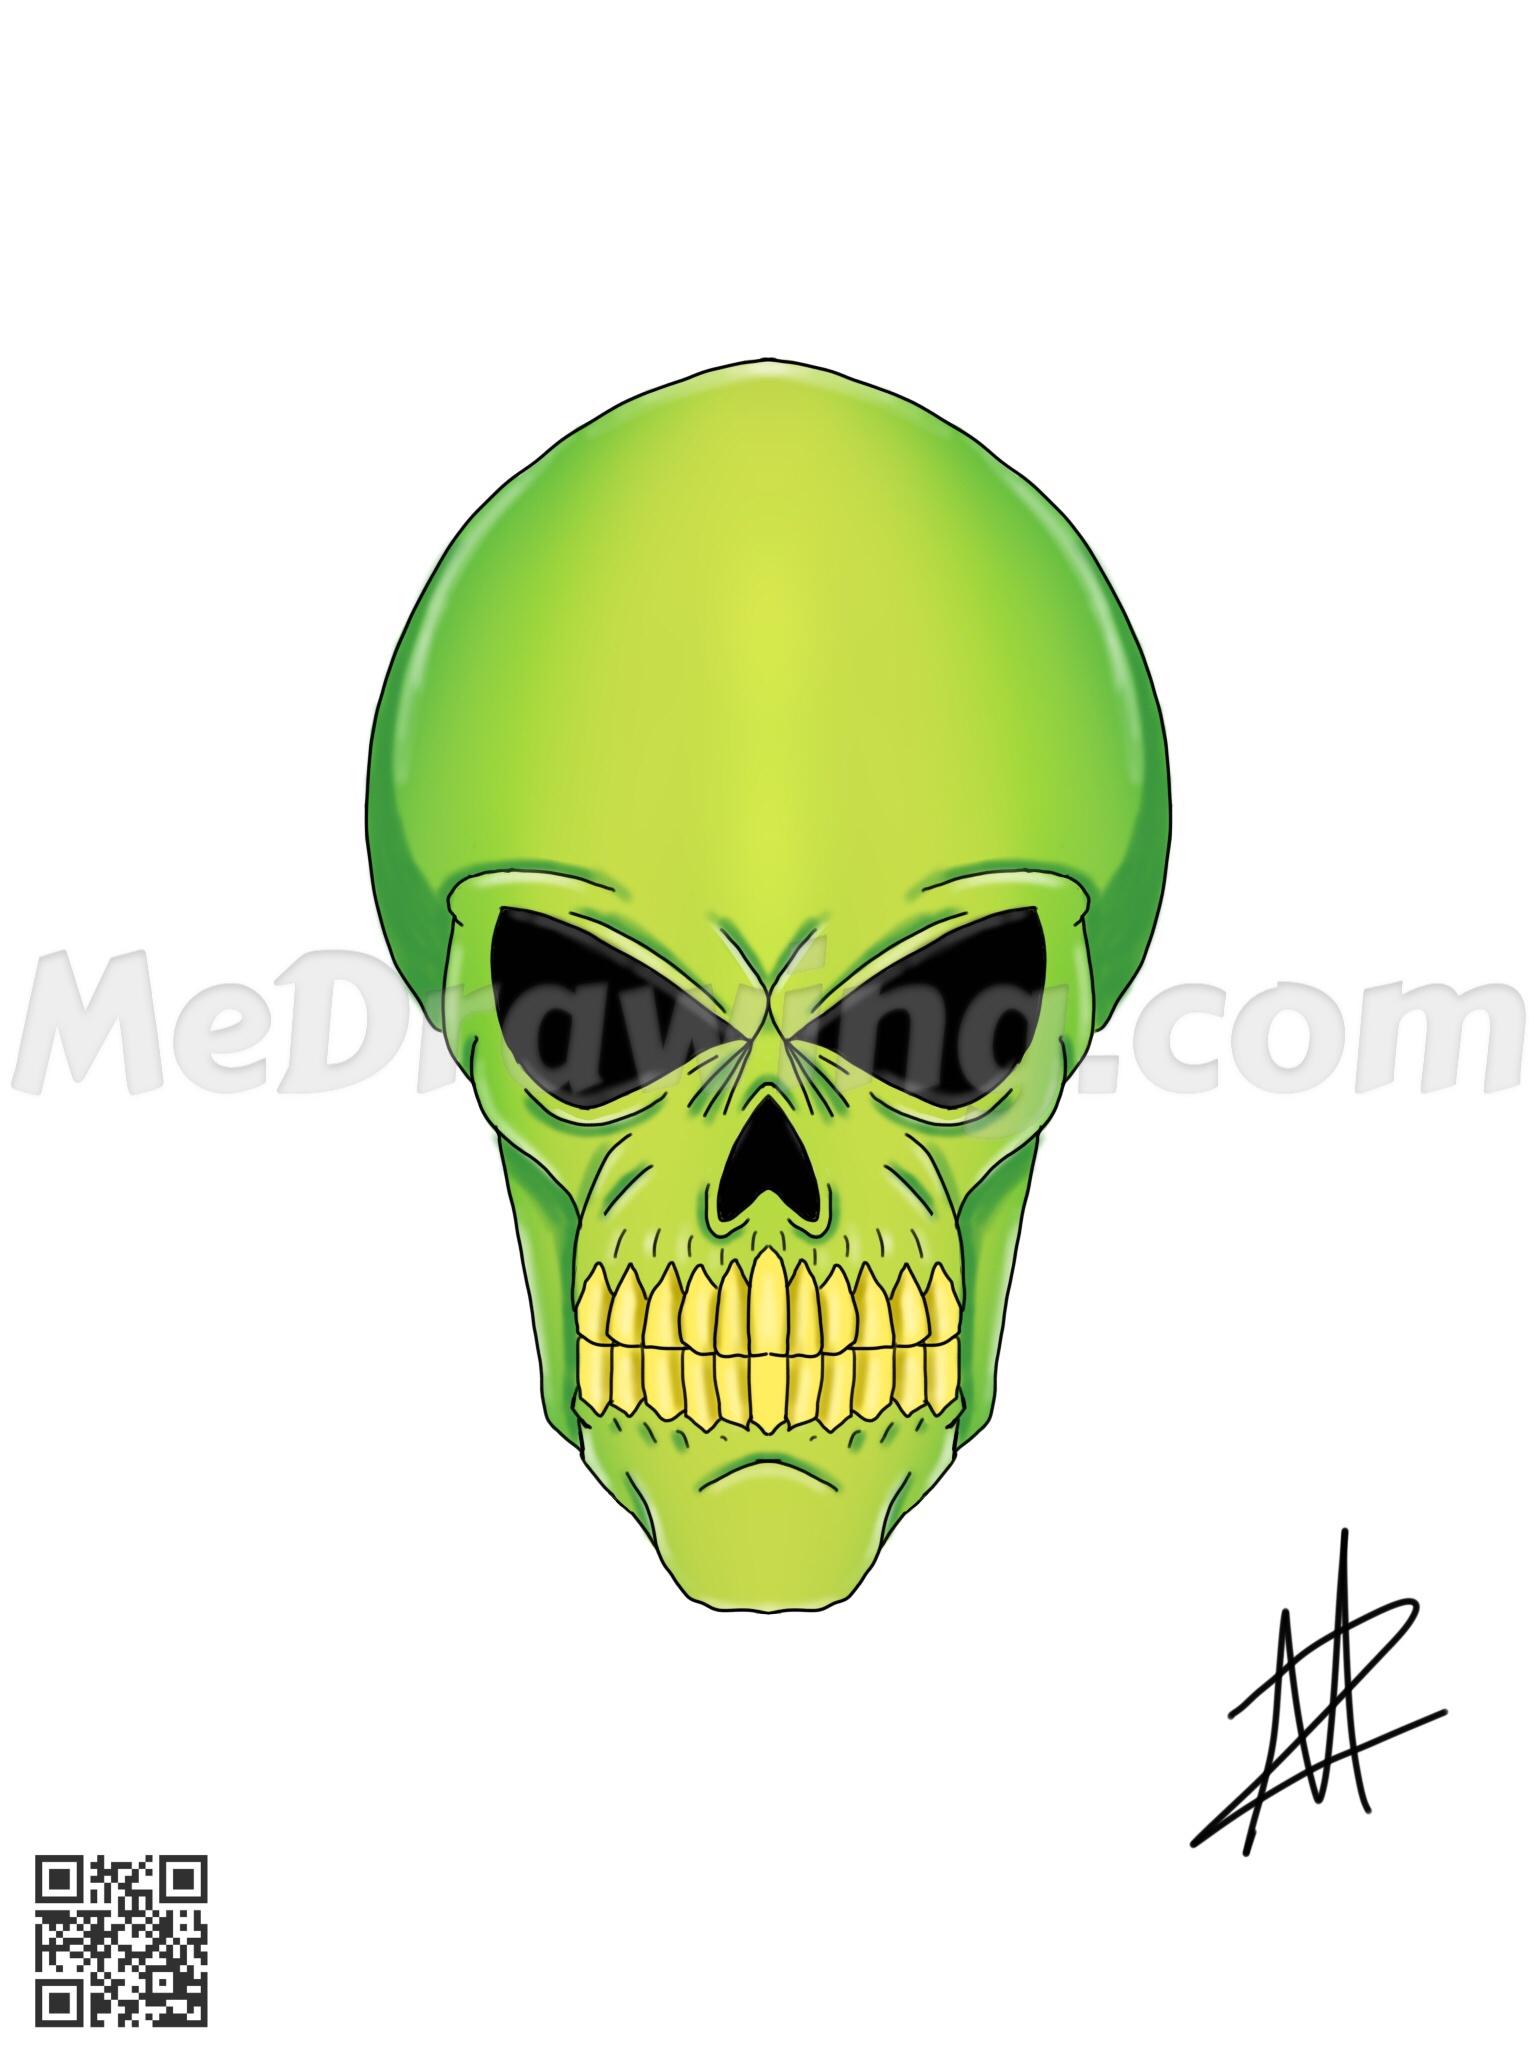 Drawn skull alien Colored Skull Drawing  Alien